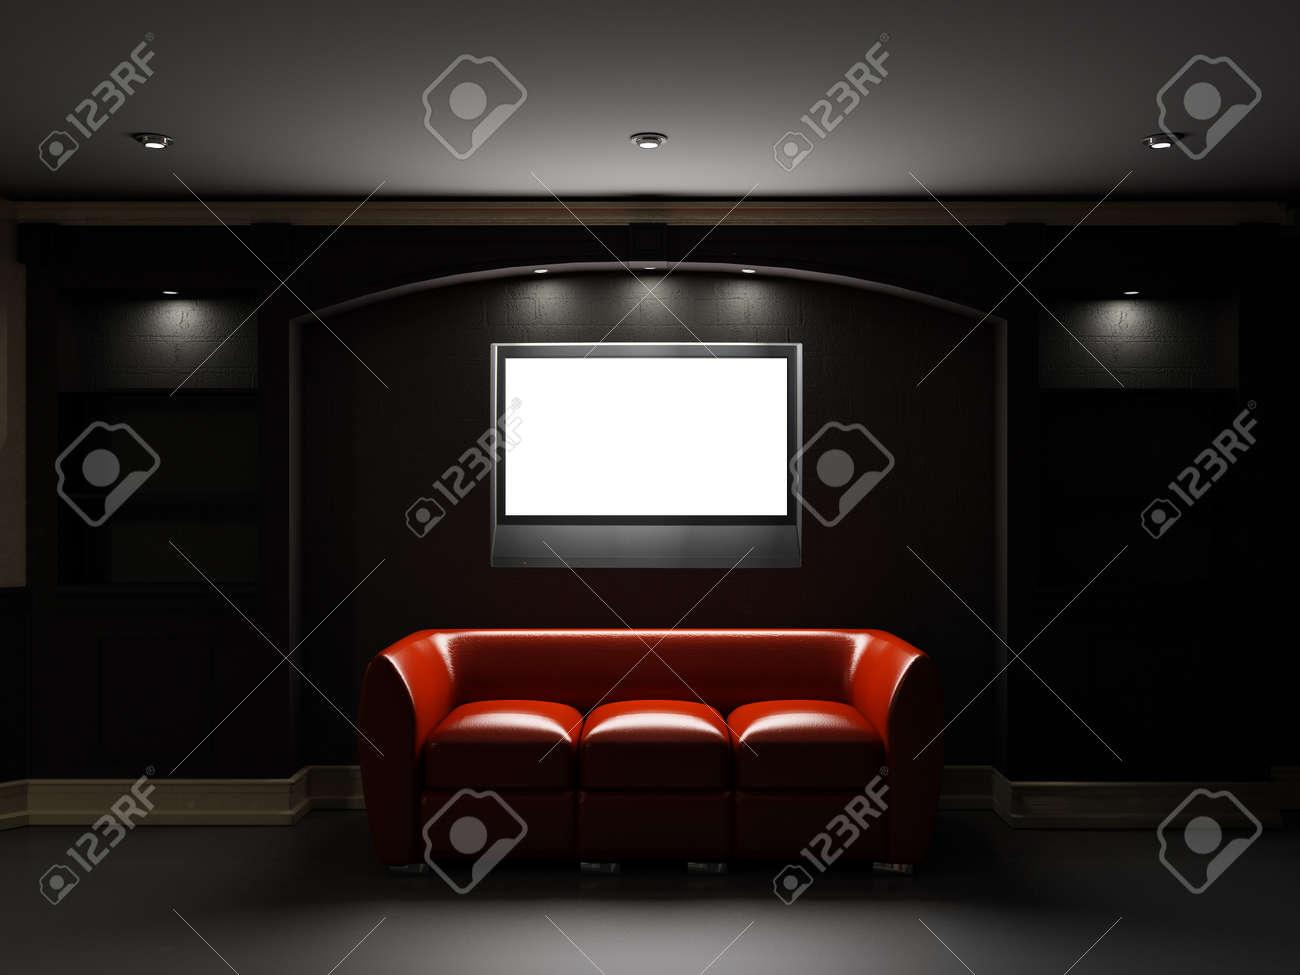 Sofá De Cuero Rojo Con TV LCD En El Cuarto Oscuro Fotos, Retratos ...